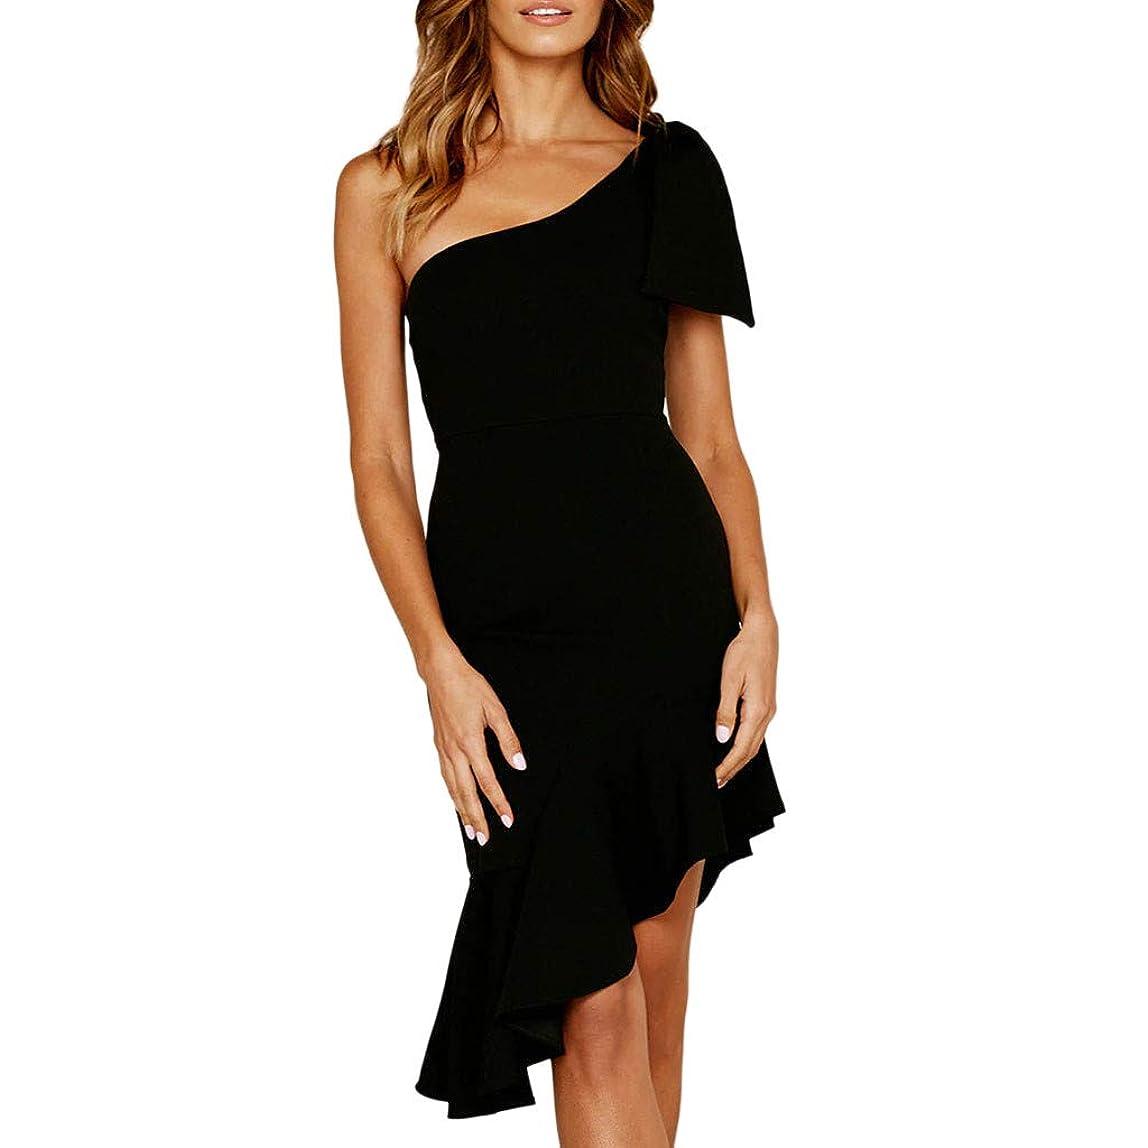 Women Sexy Ruffles Sleeveless Off Shoulder Dress Evening Party Dress Sexy Sloping Shoulder Ruffled Irregular Dress xuwthjj617824